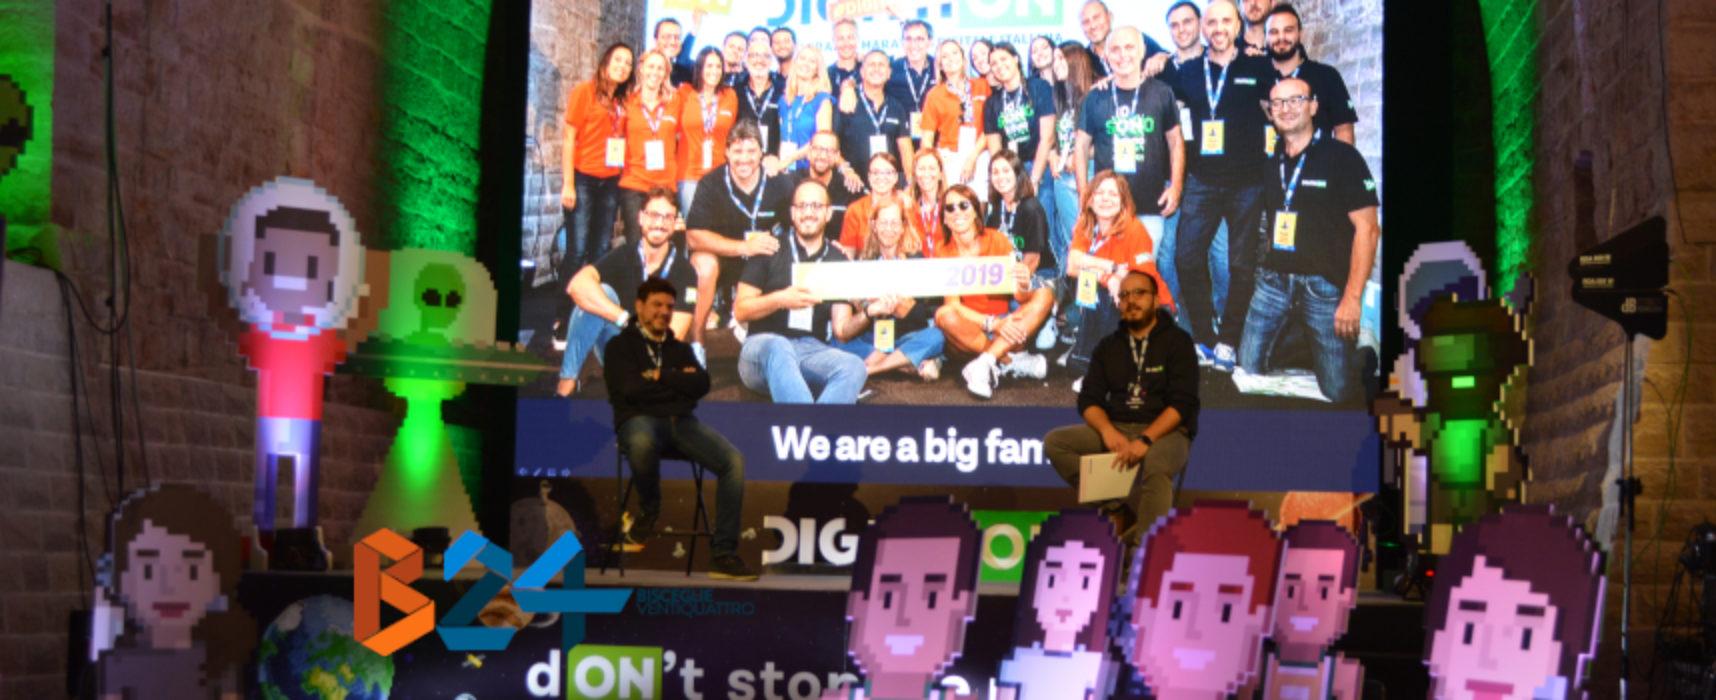 Digithon 2021, il 13 ottobre l'annuncio delle 100 startup finaliste